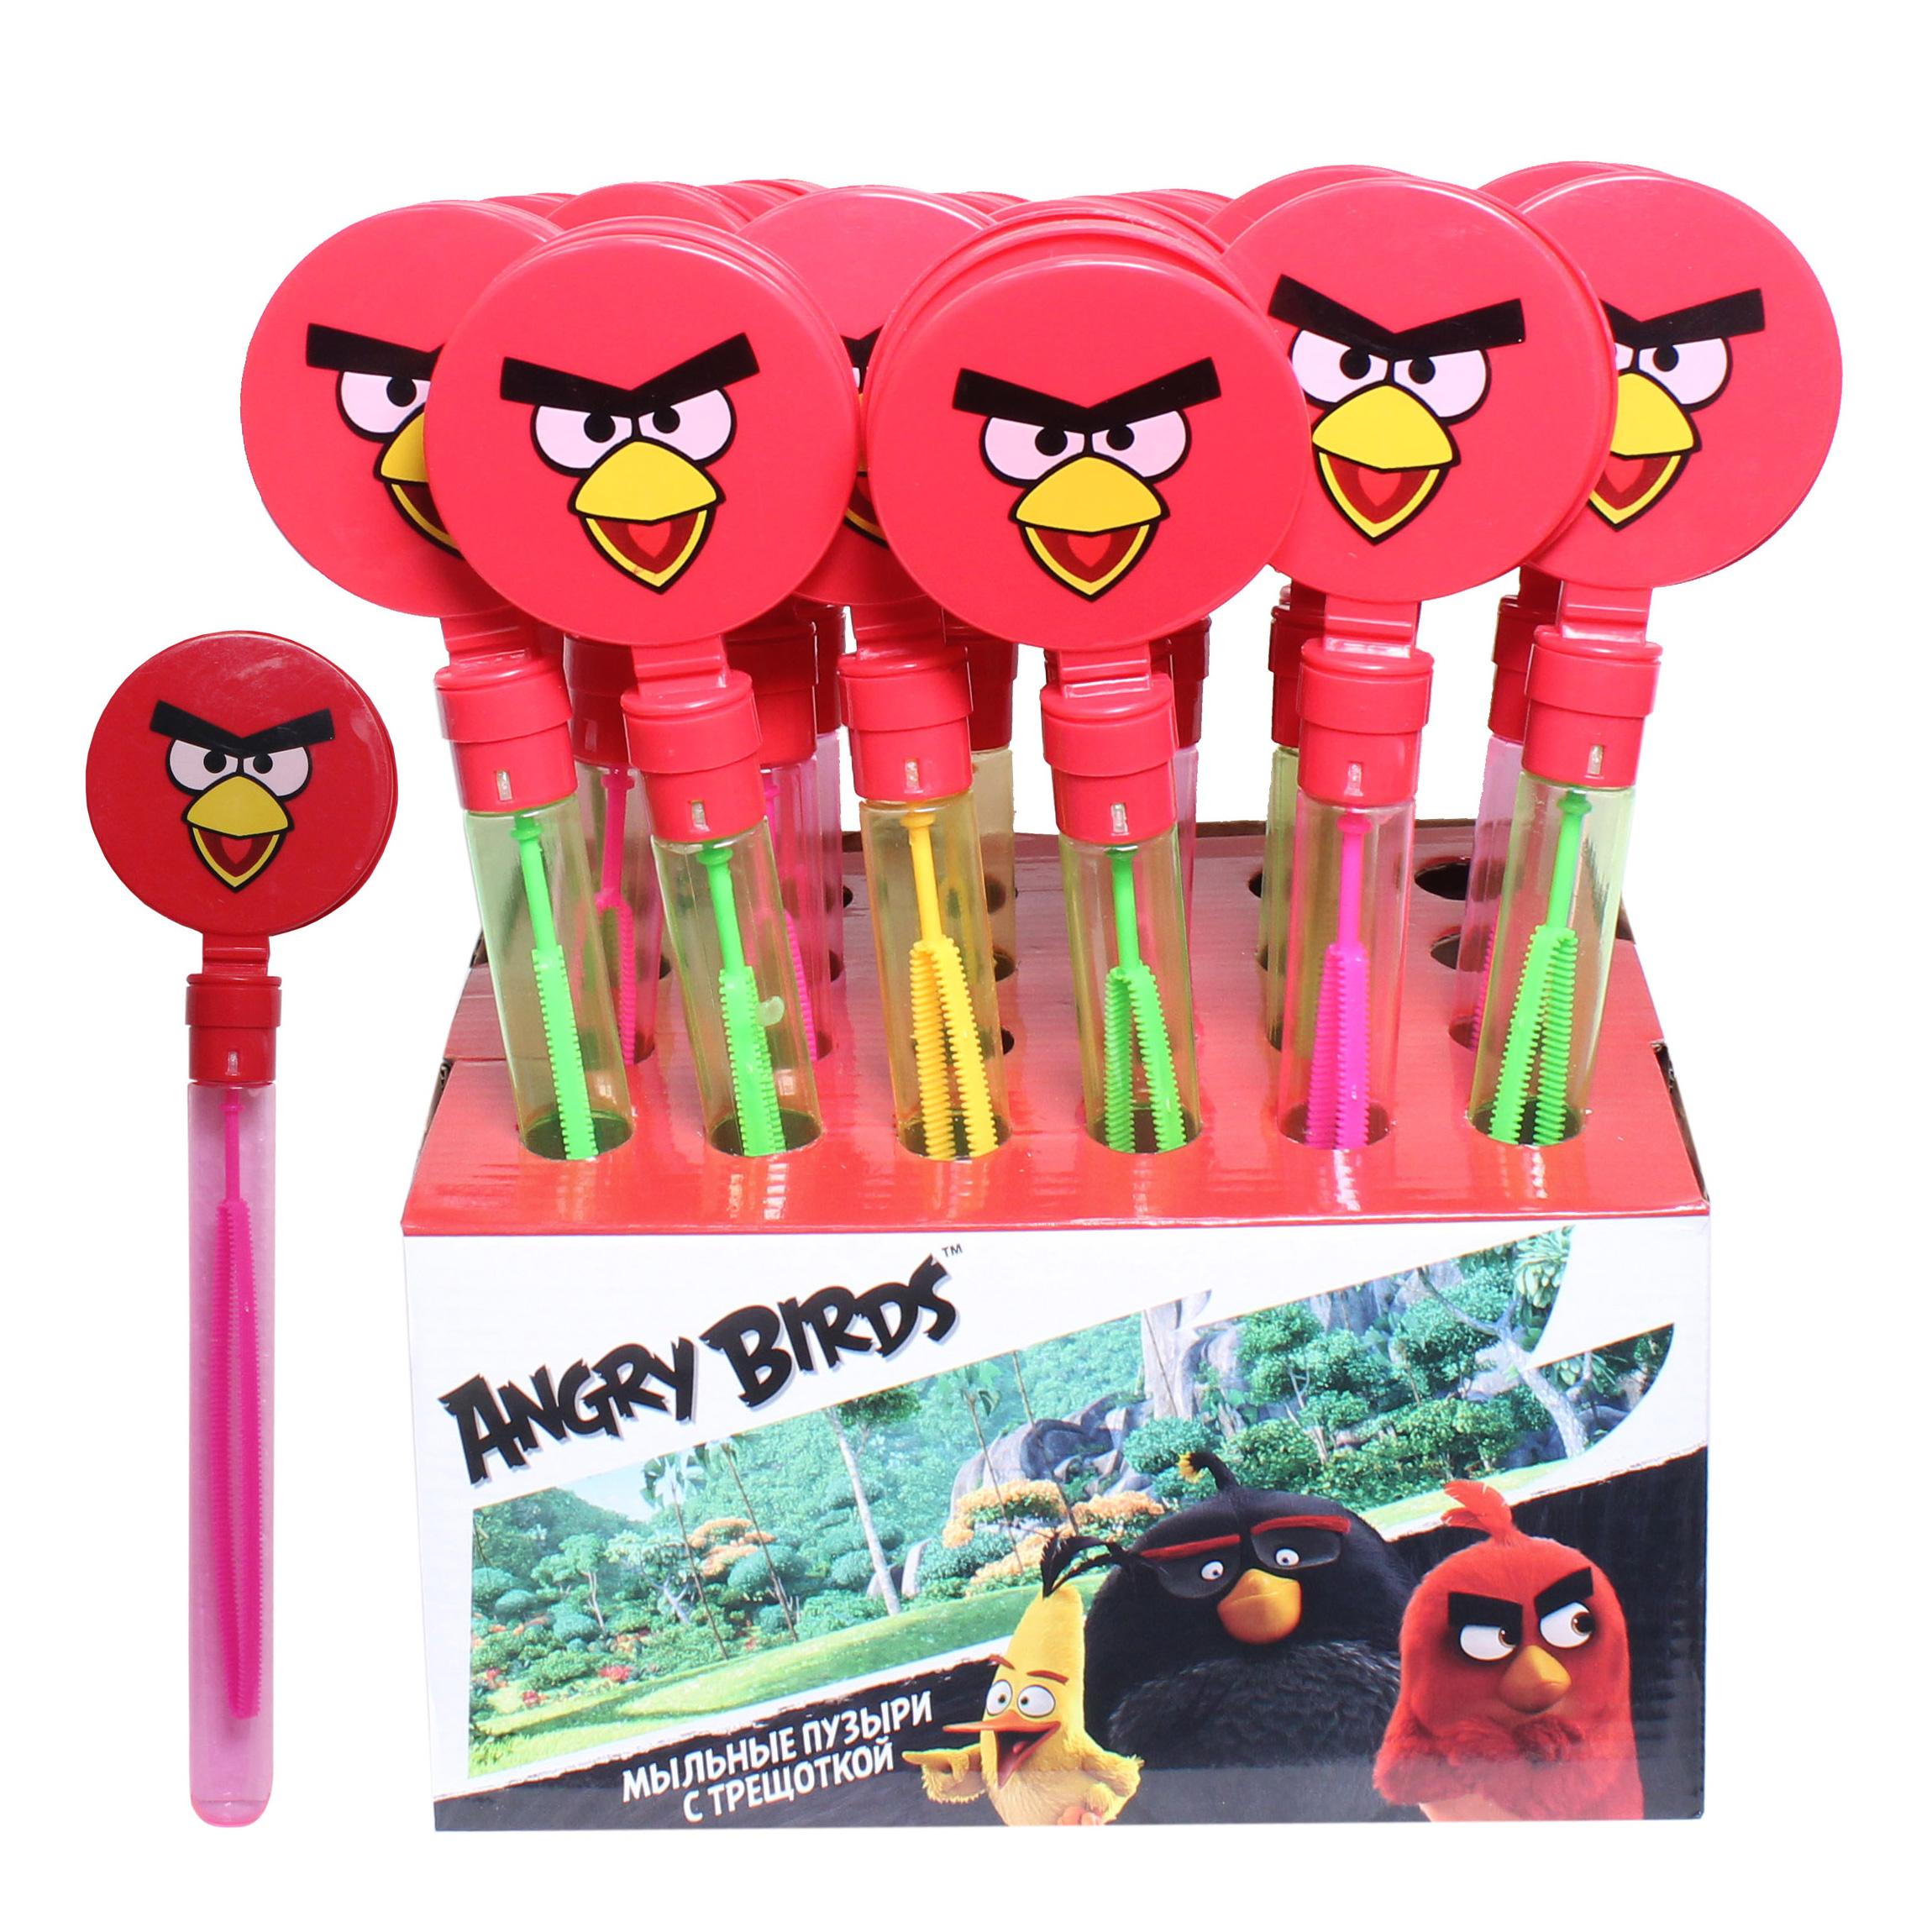 Мыльные пузыри Angry Birds с трещоткой, 60 мл